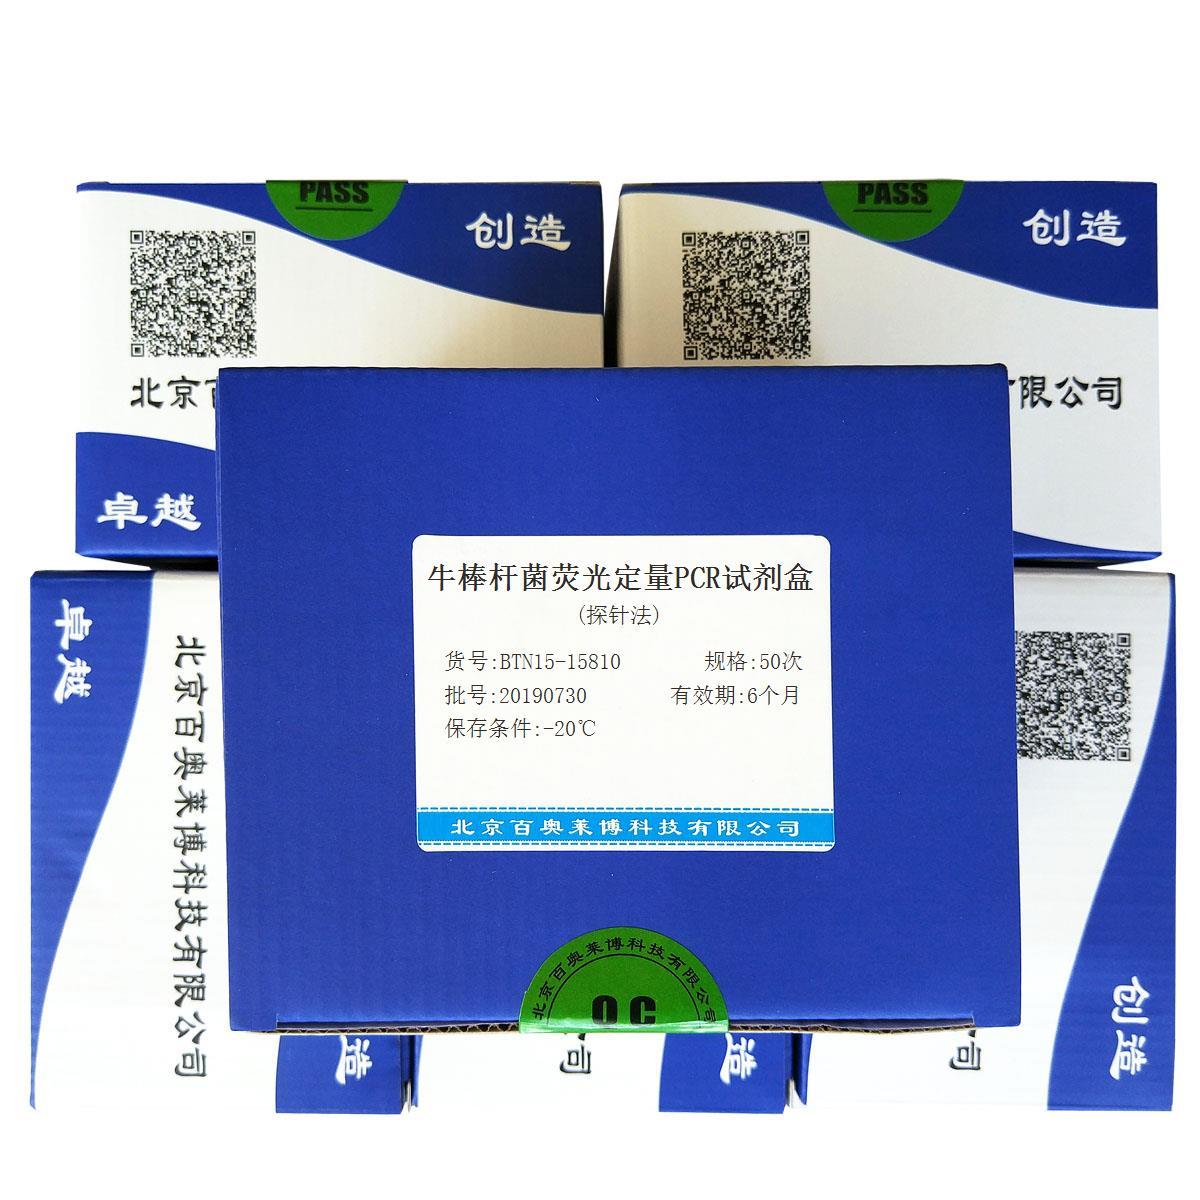 牛棒杆菌荧光定量PCR试剂盒(探针法)报价